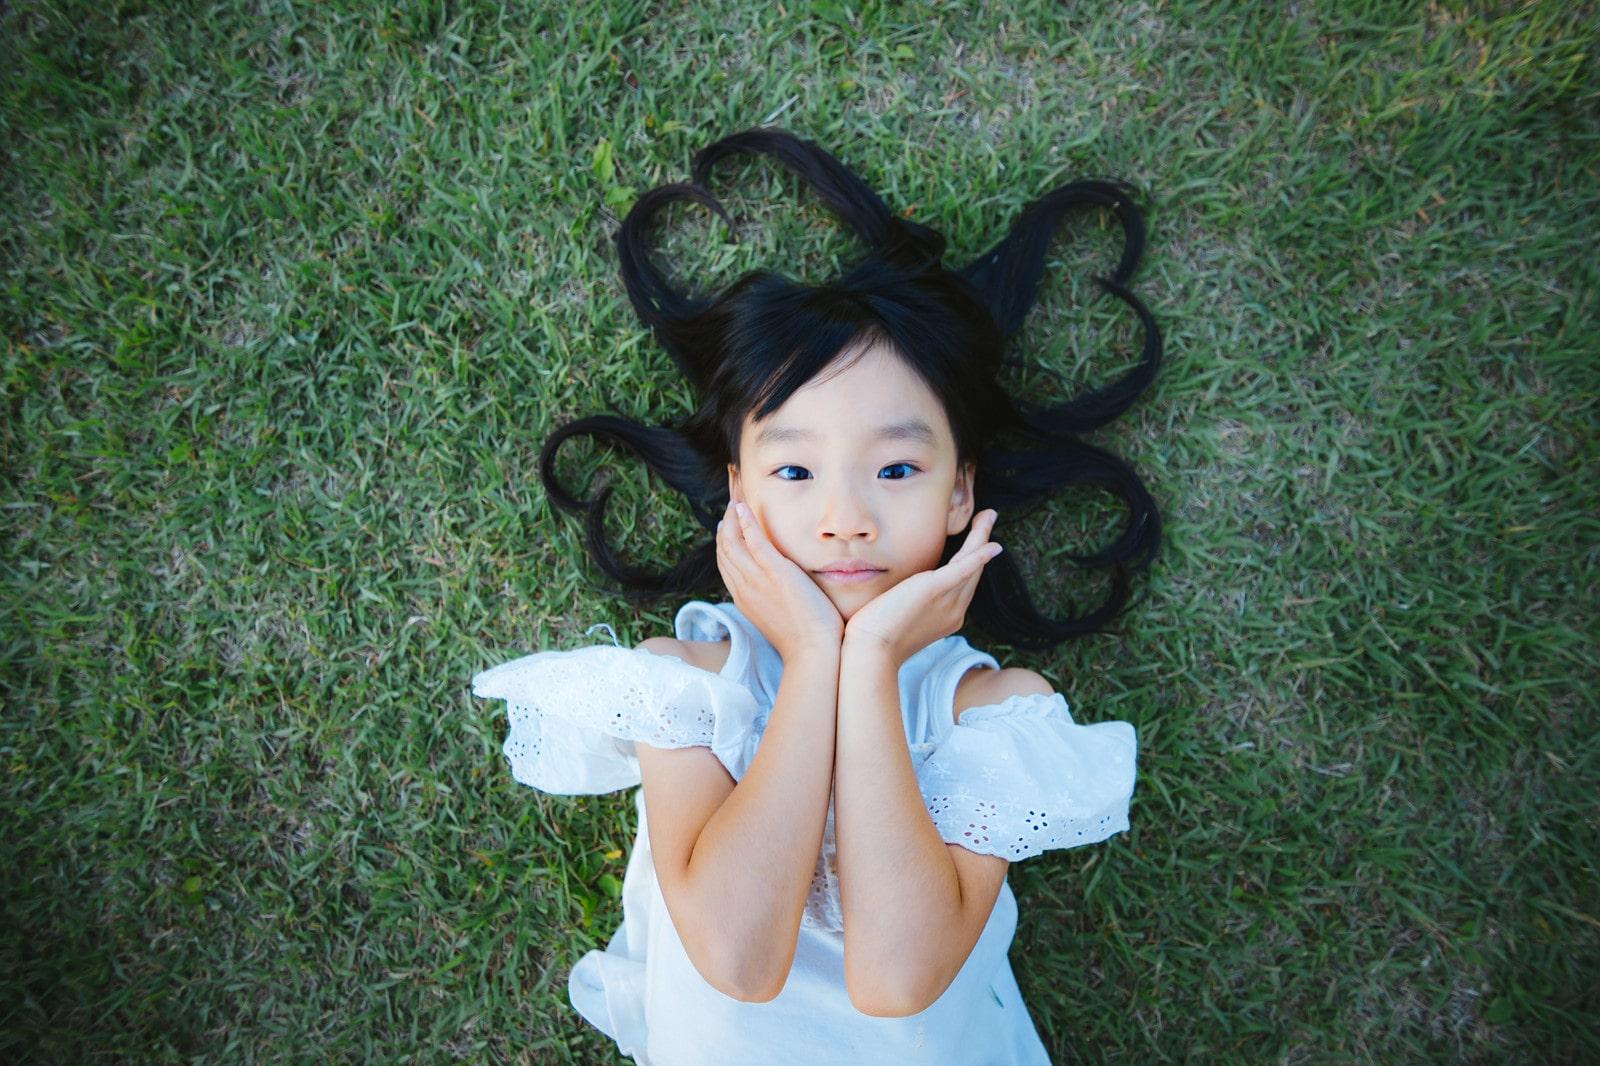 芝生に寝っ転がる女の子